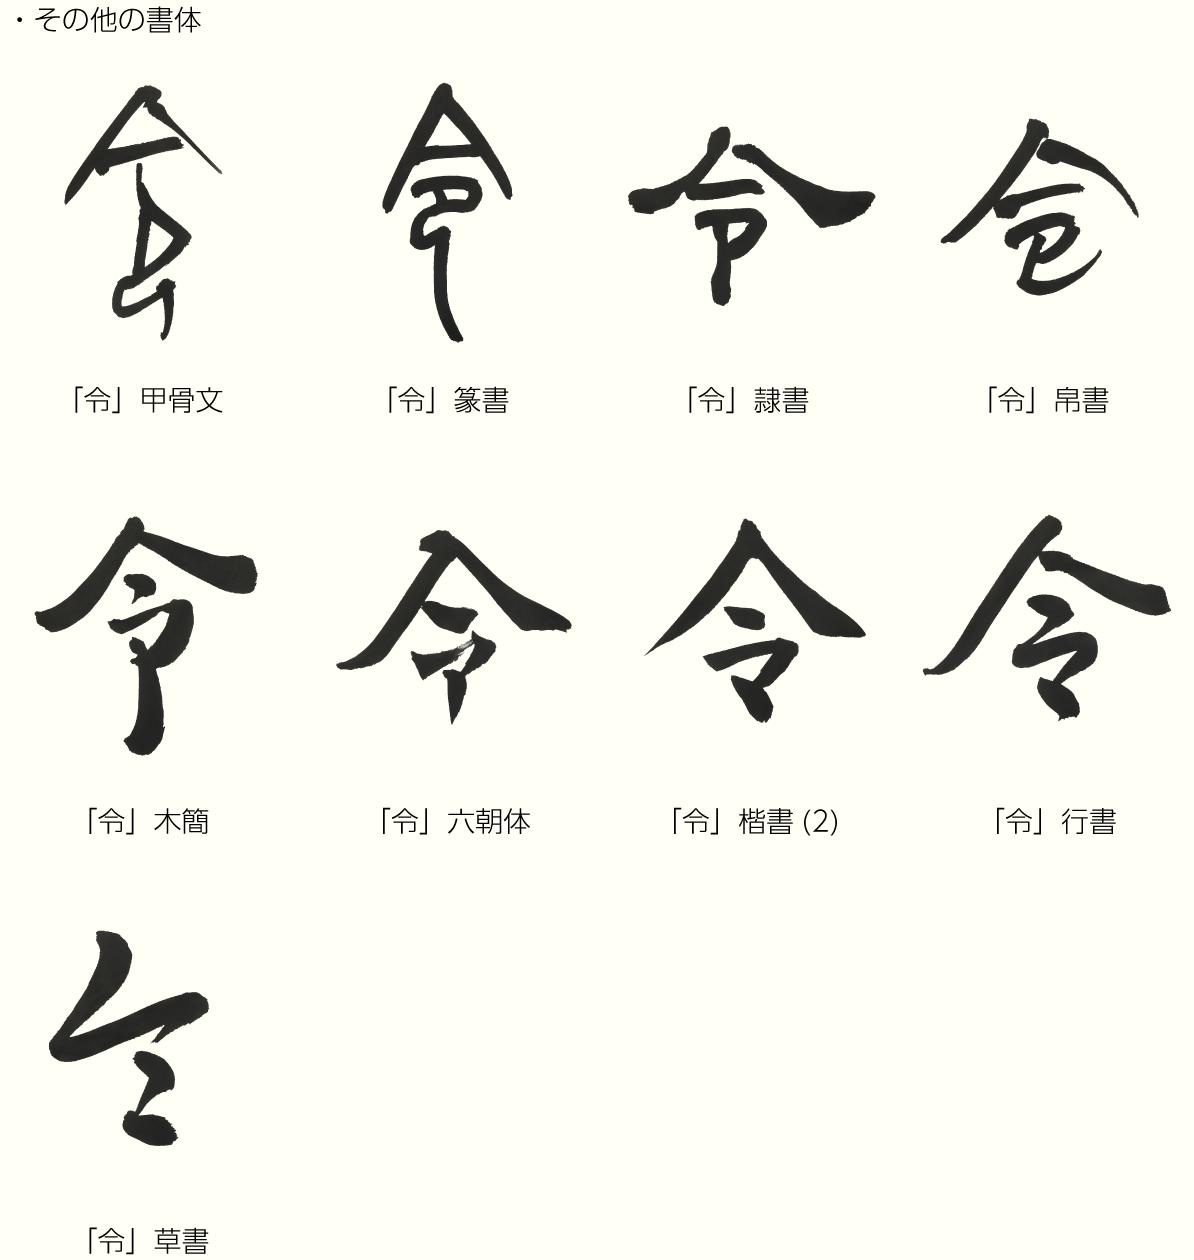 20190507_kanji2.png